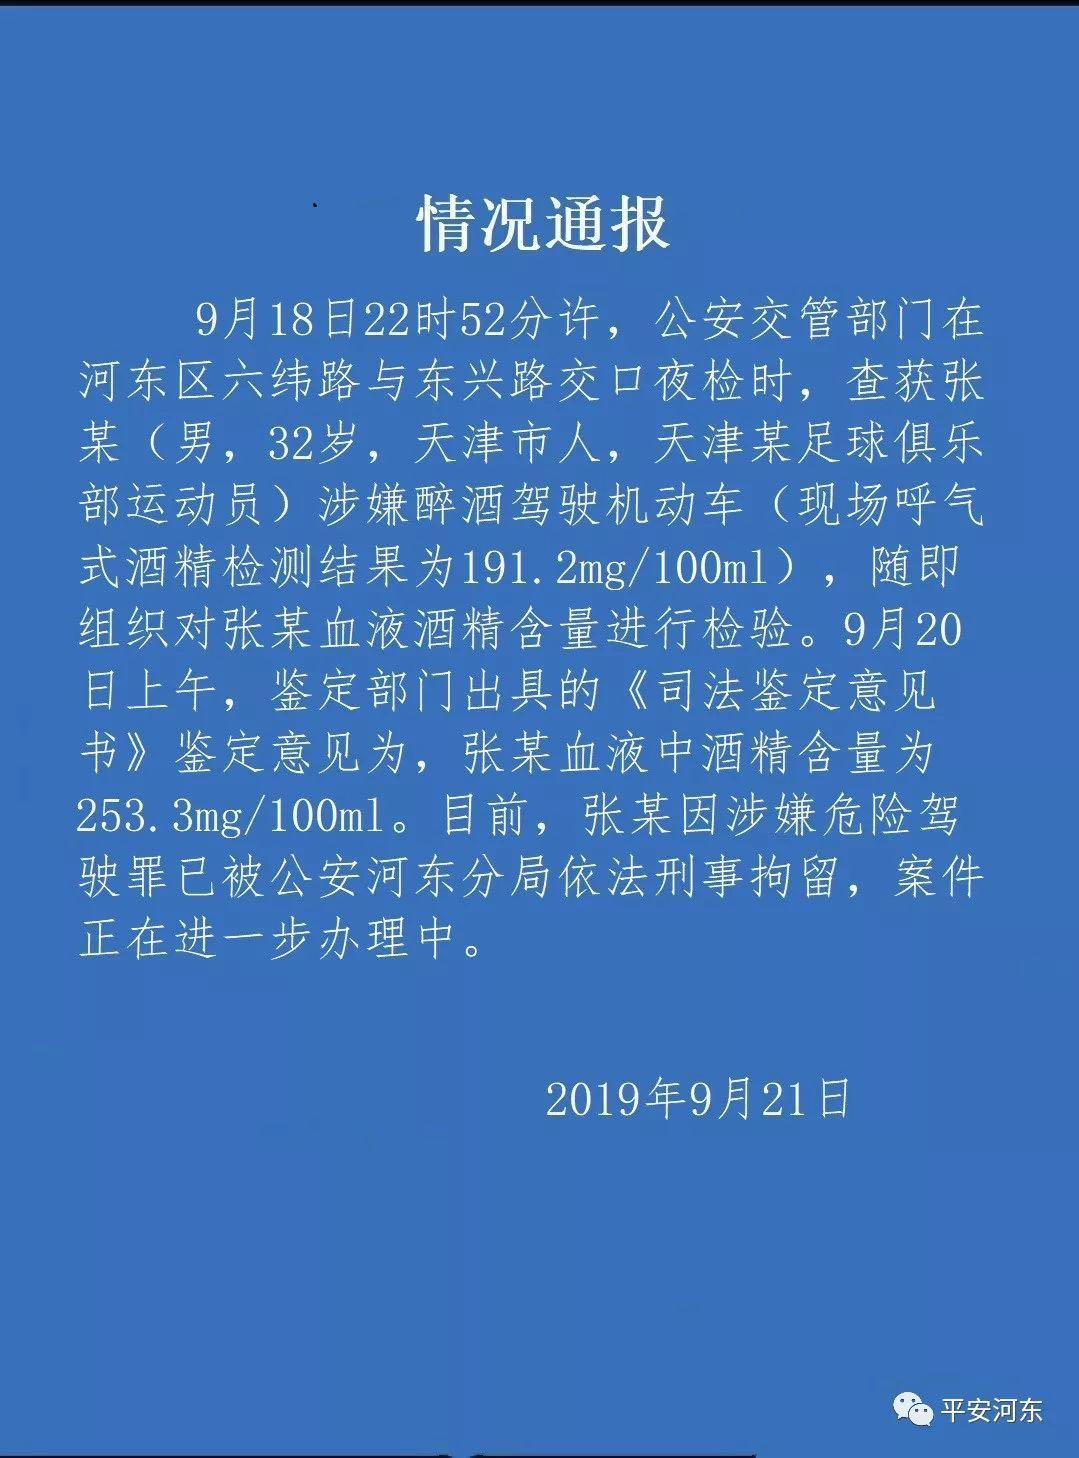 110个台资项目落户安徽 总投资达282亿元